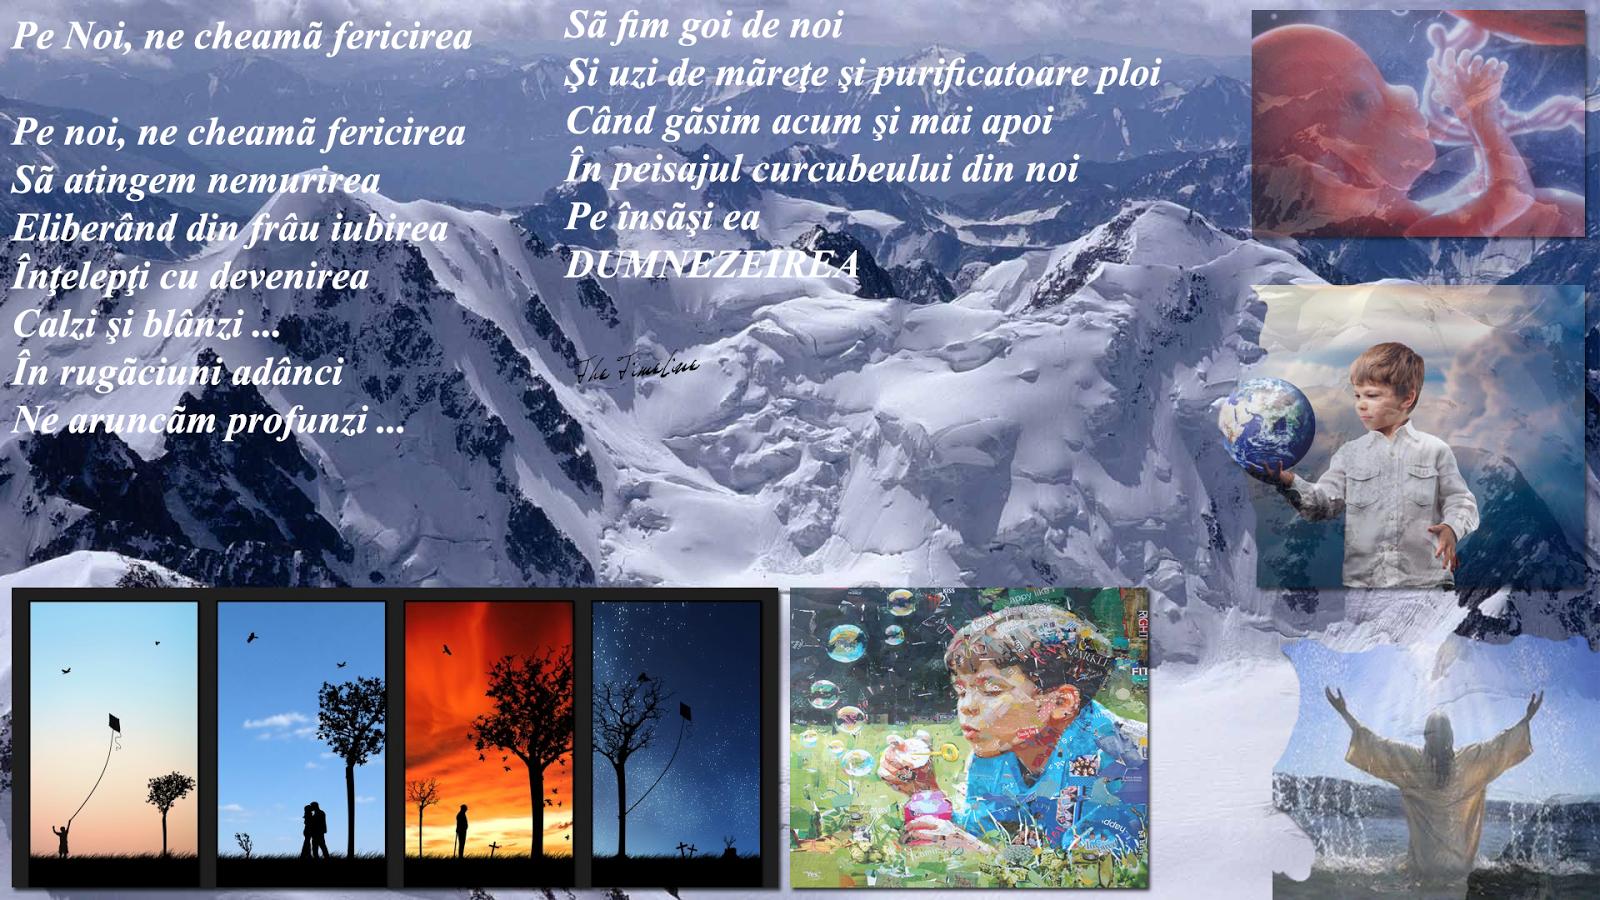 pe noi ne cheama fericirea poezie viata divinitate nemurire iubire frumos devenire filosofie Maria Teodorescu Bahnareanu Wrinkles on my Timeline